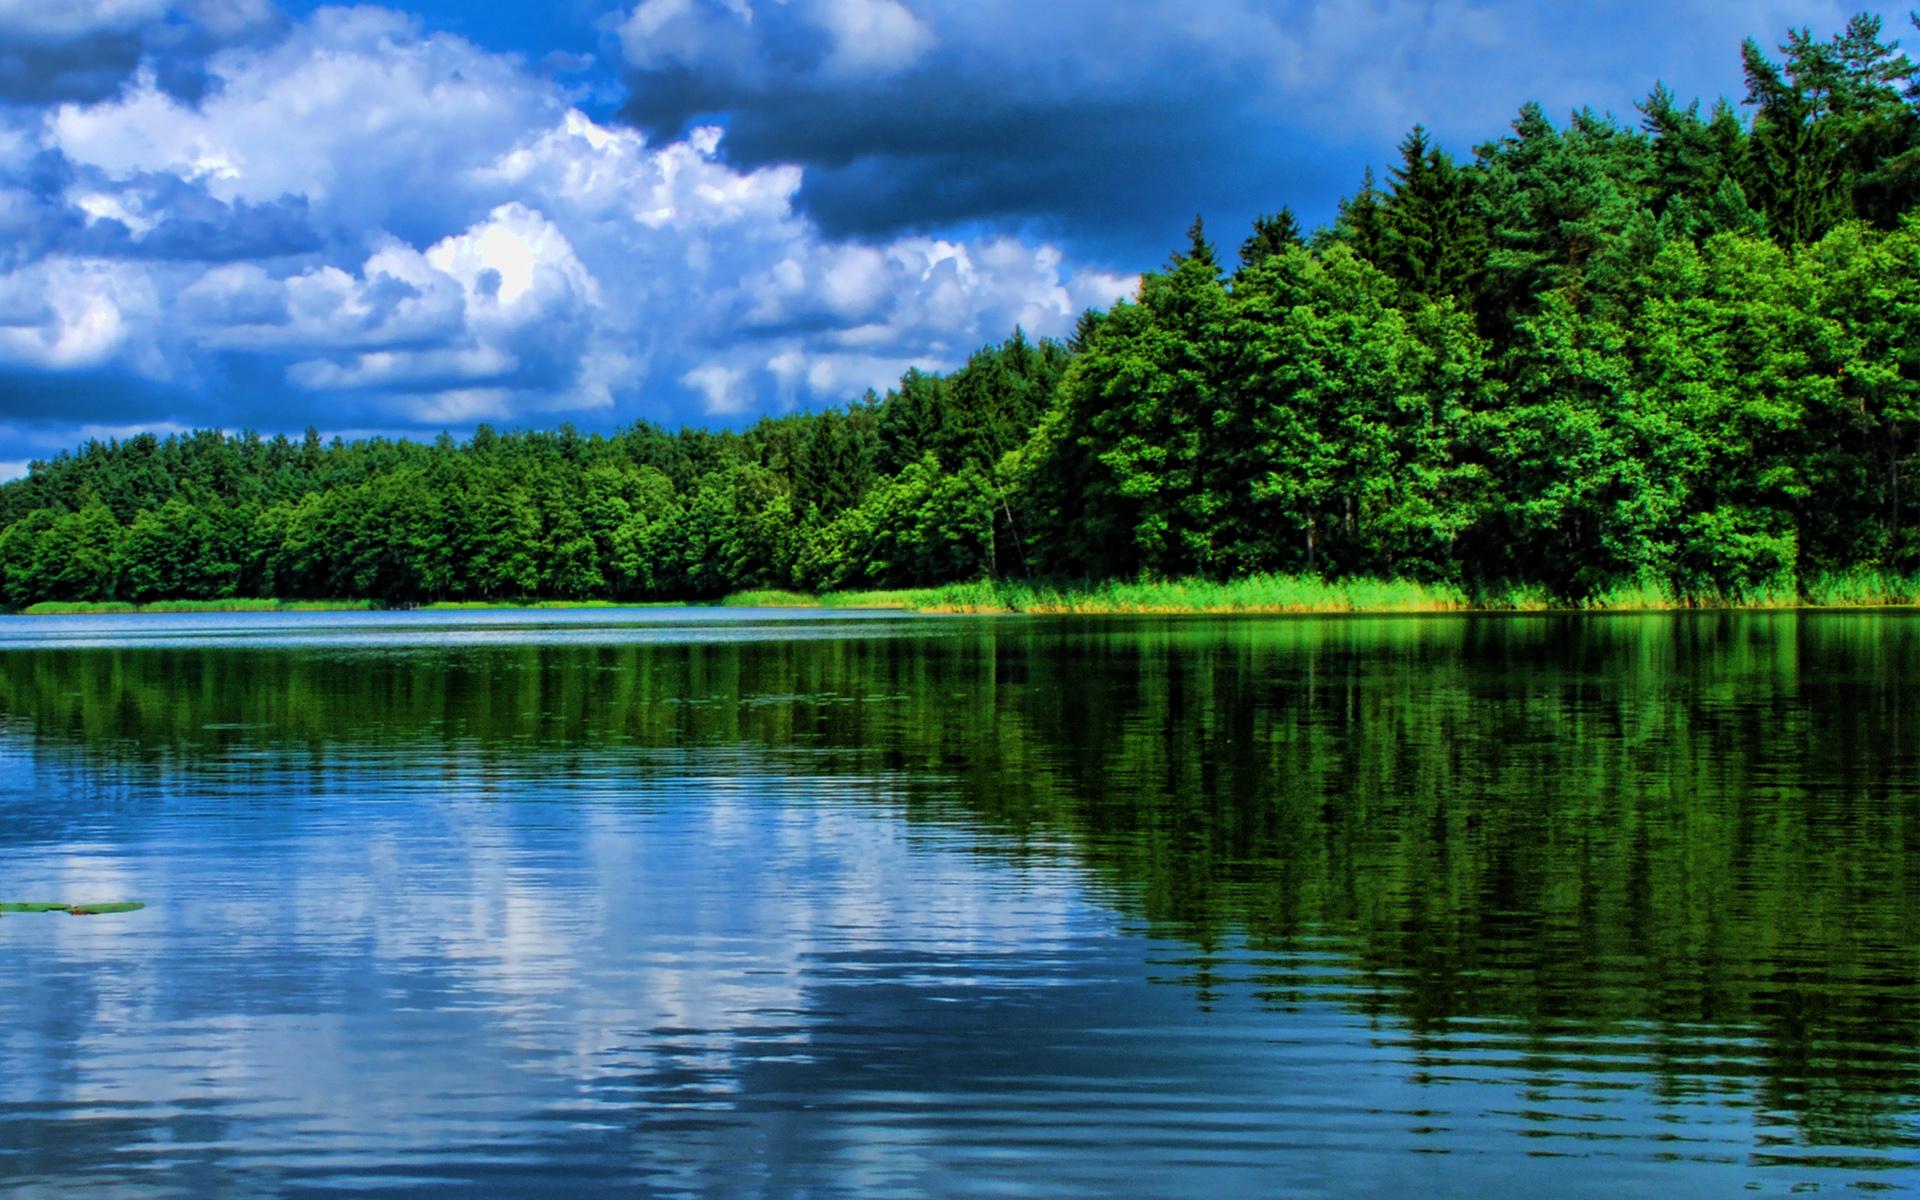 Water Reflection Wallpaper - WallpaperSafariLake Water Wallpaper